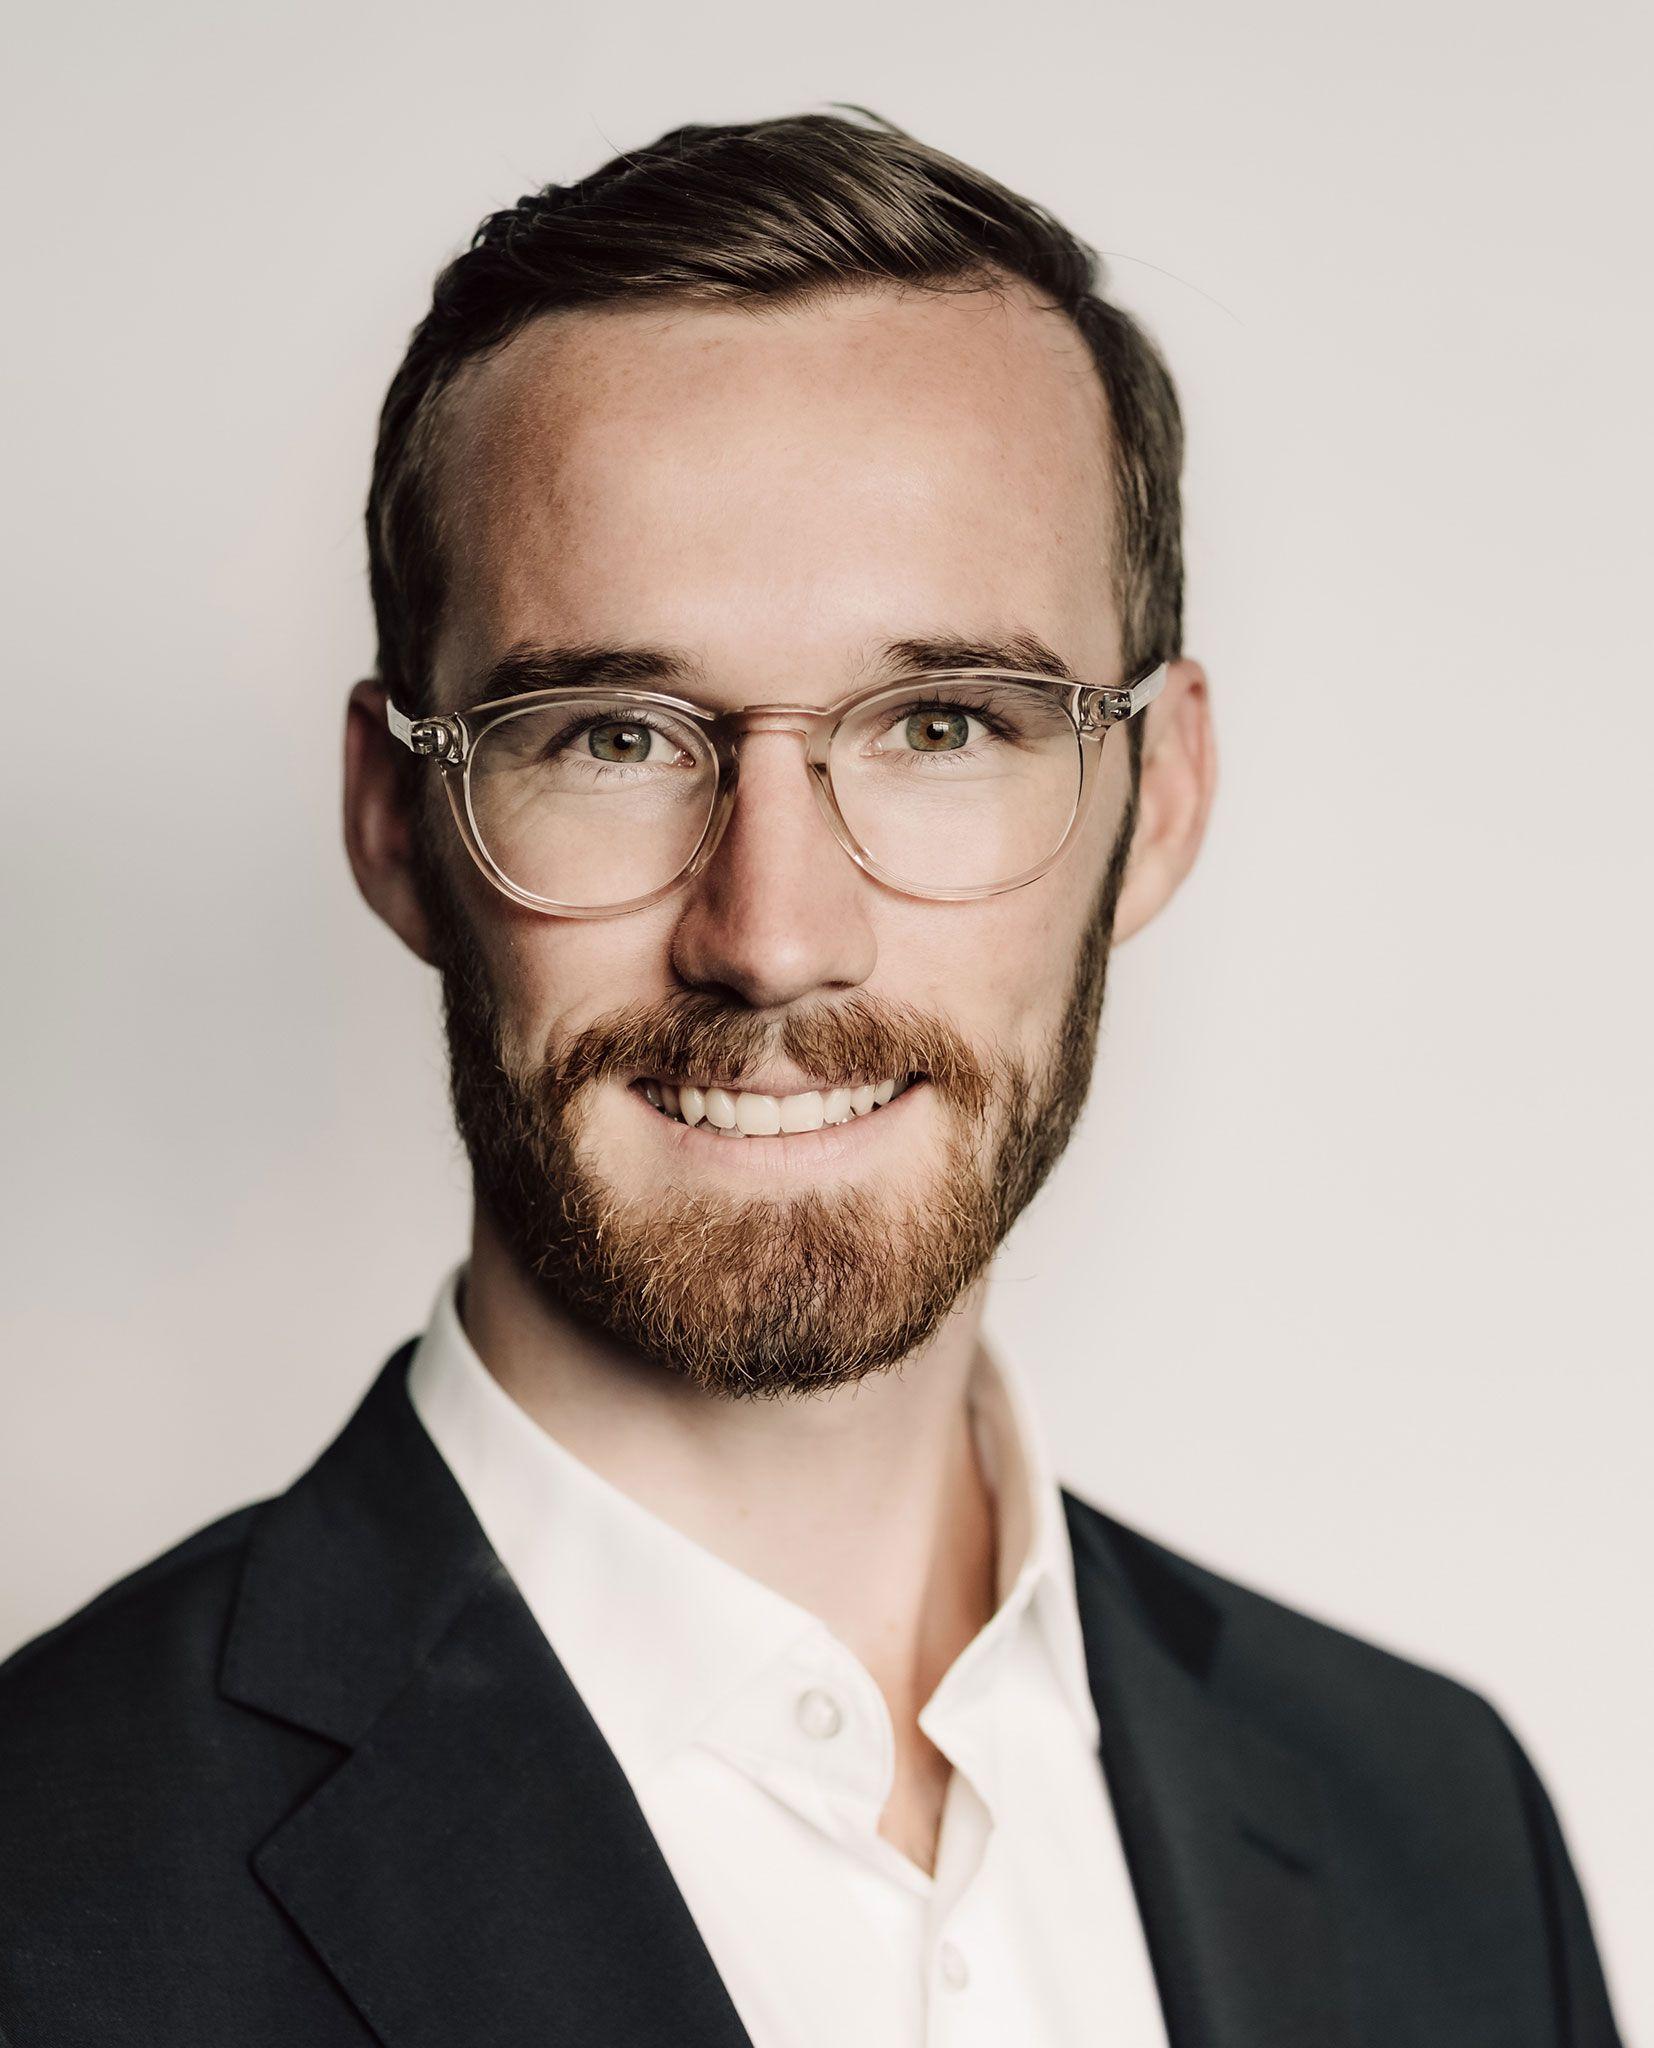 Sigmund Sørensen Kielland